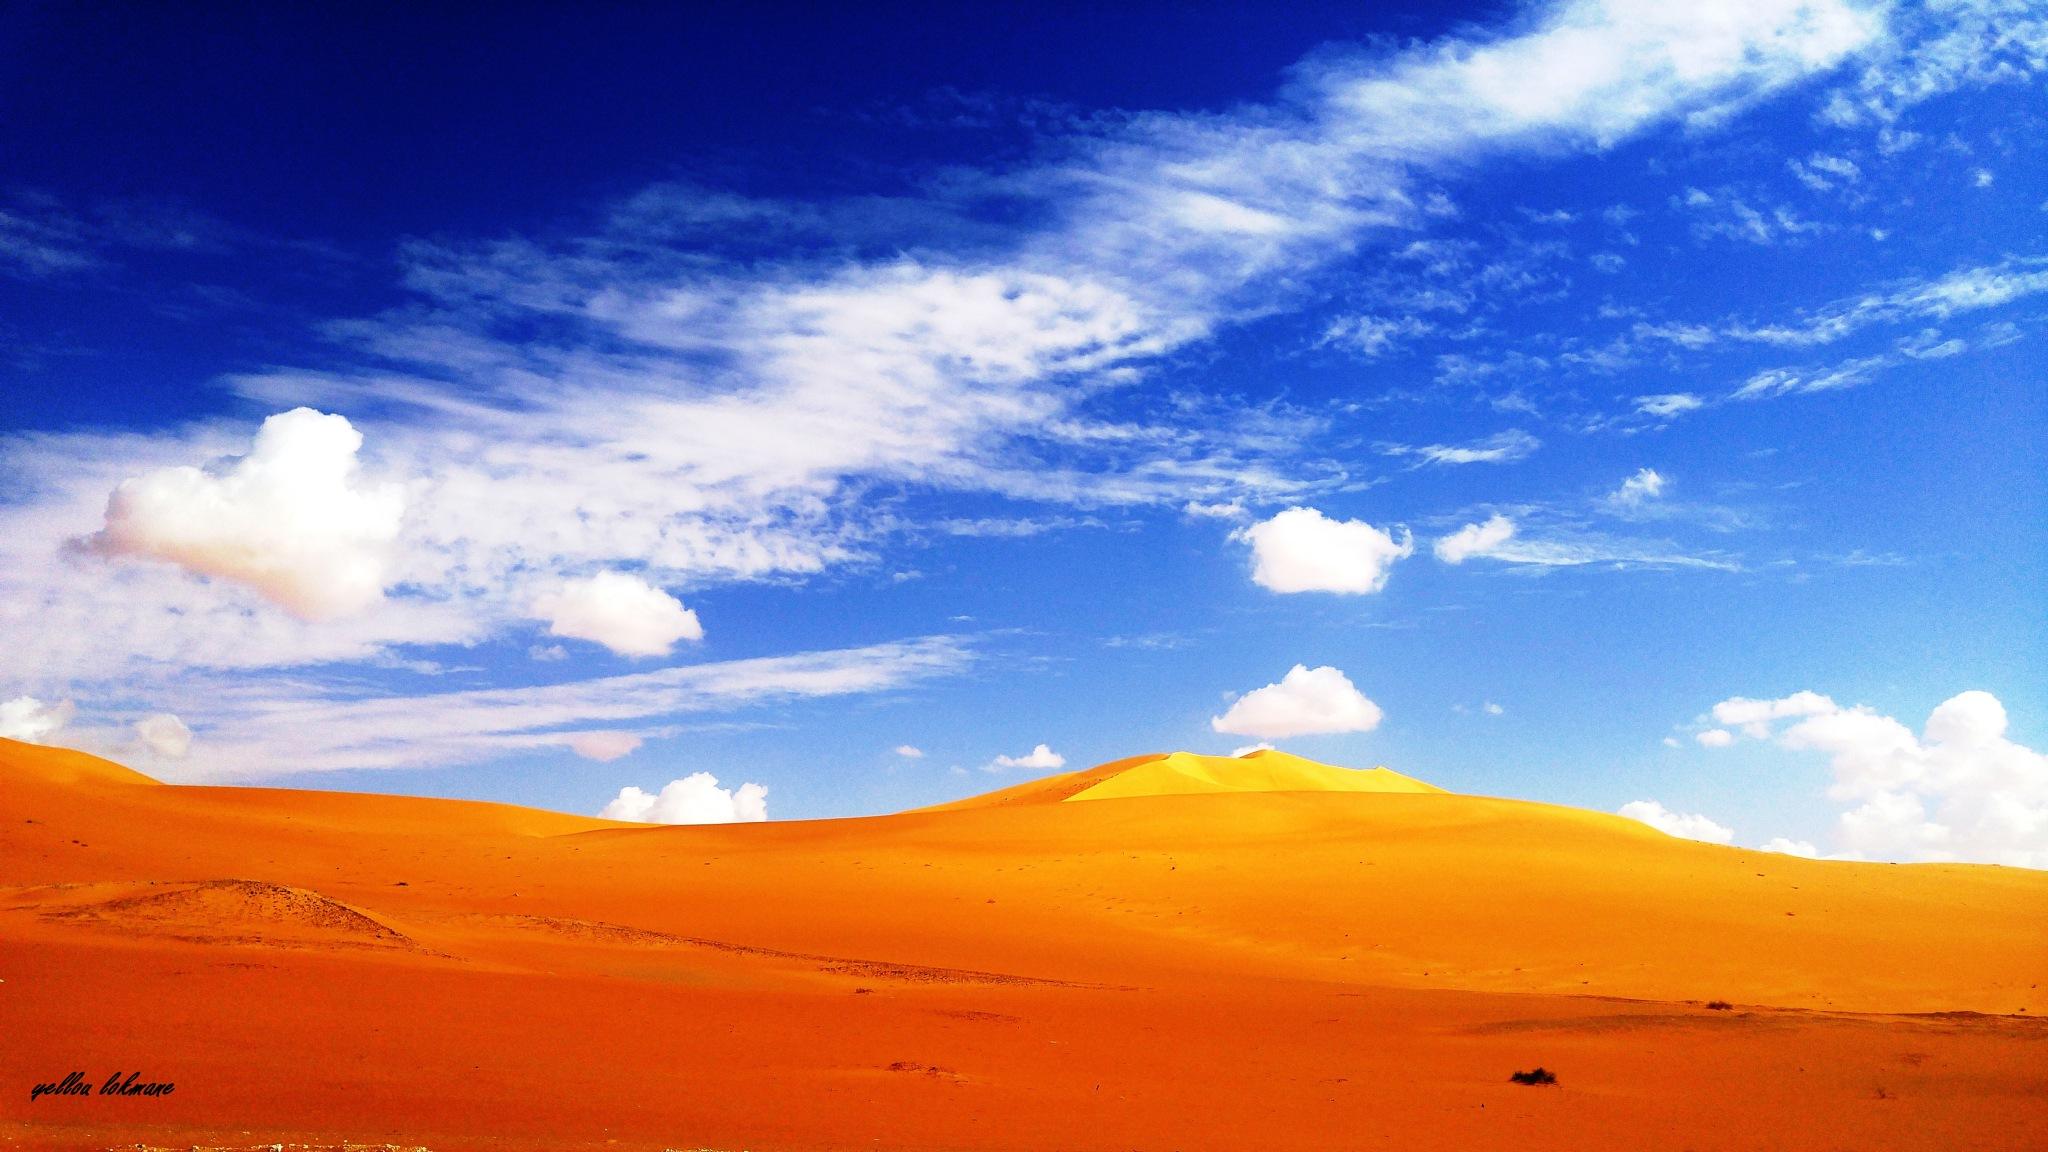 yellow blue desert by lokmane.yellou